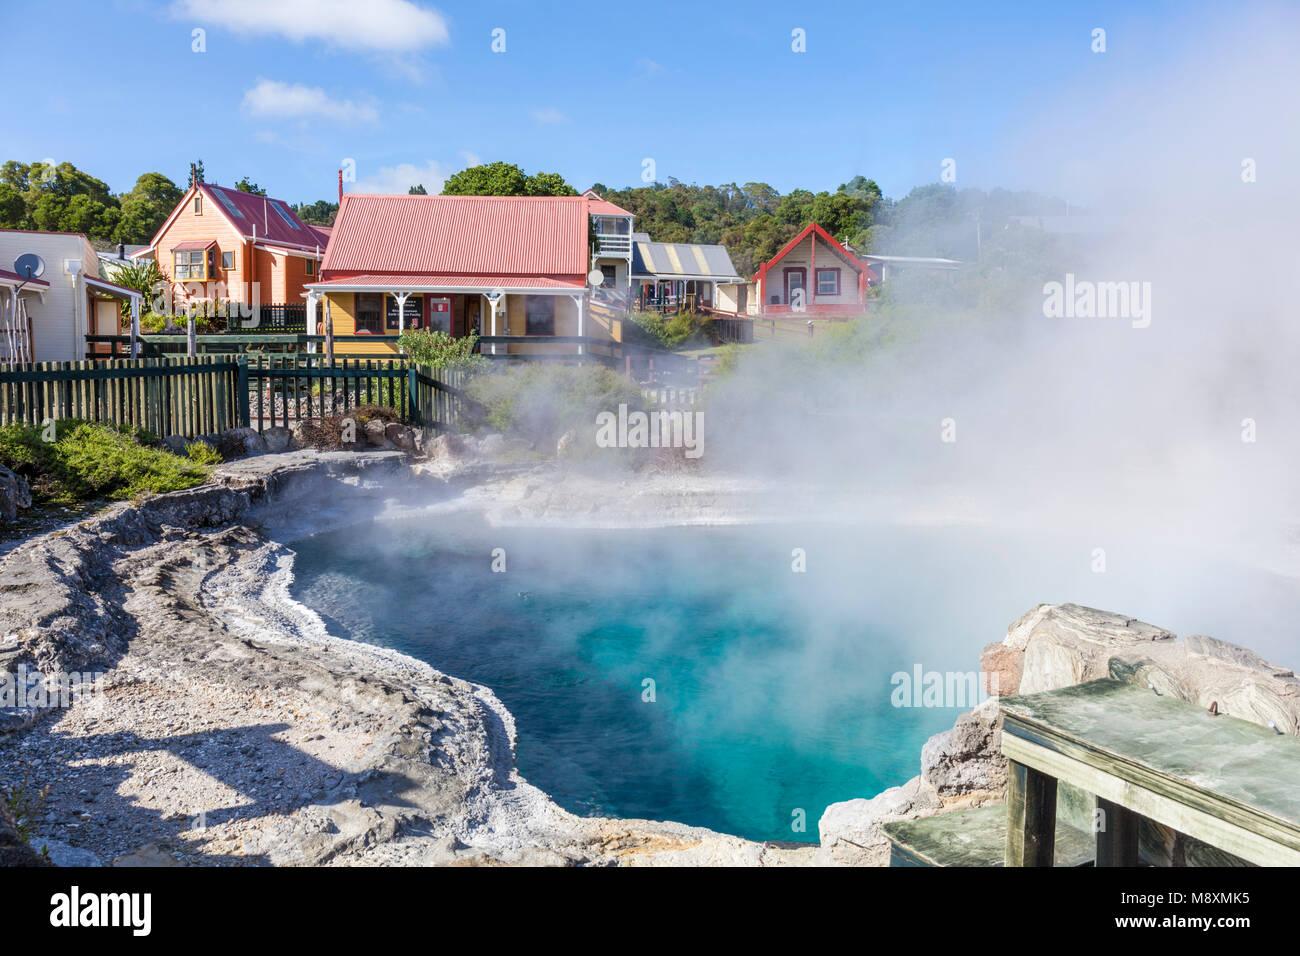 Nouvelle zélande Rotorua Nouvelle zélande Rotorua whakarewarewa thermal pool Parekohuru ou ondes meurtrières Photo Stock